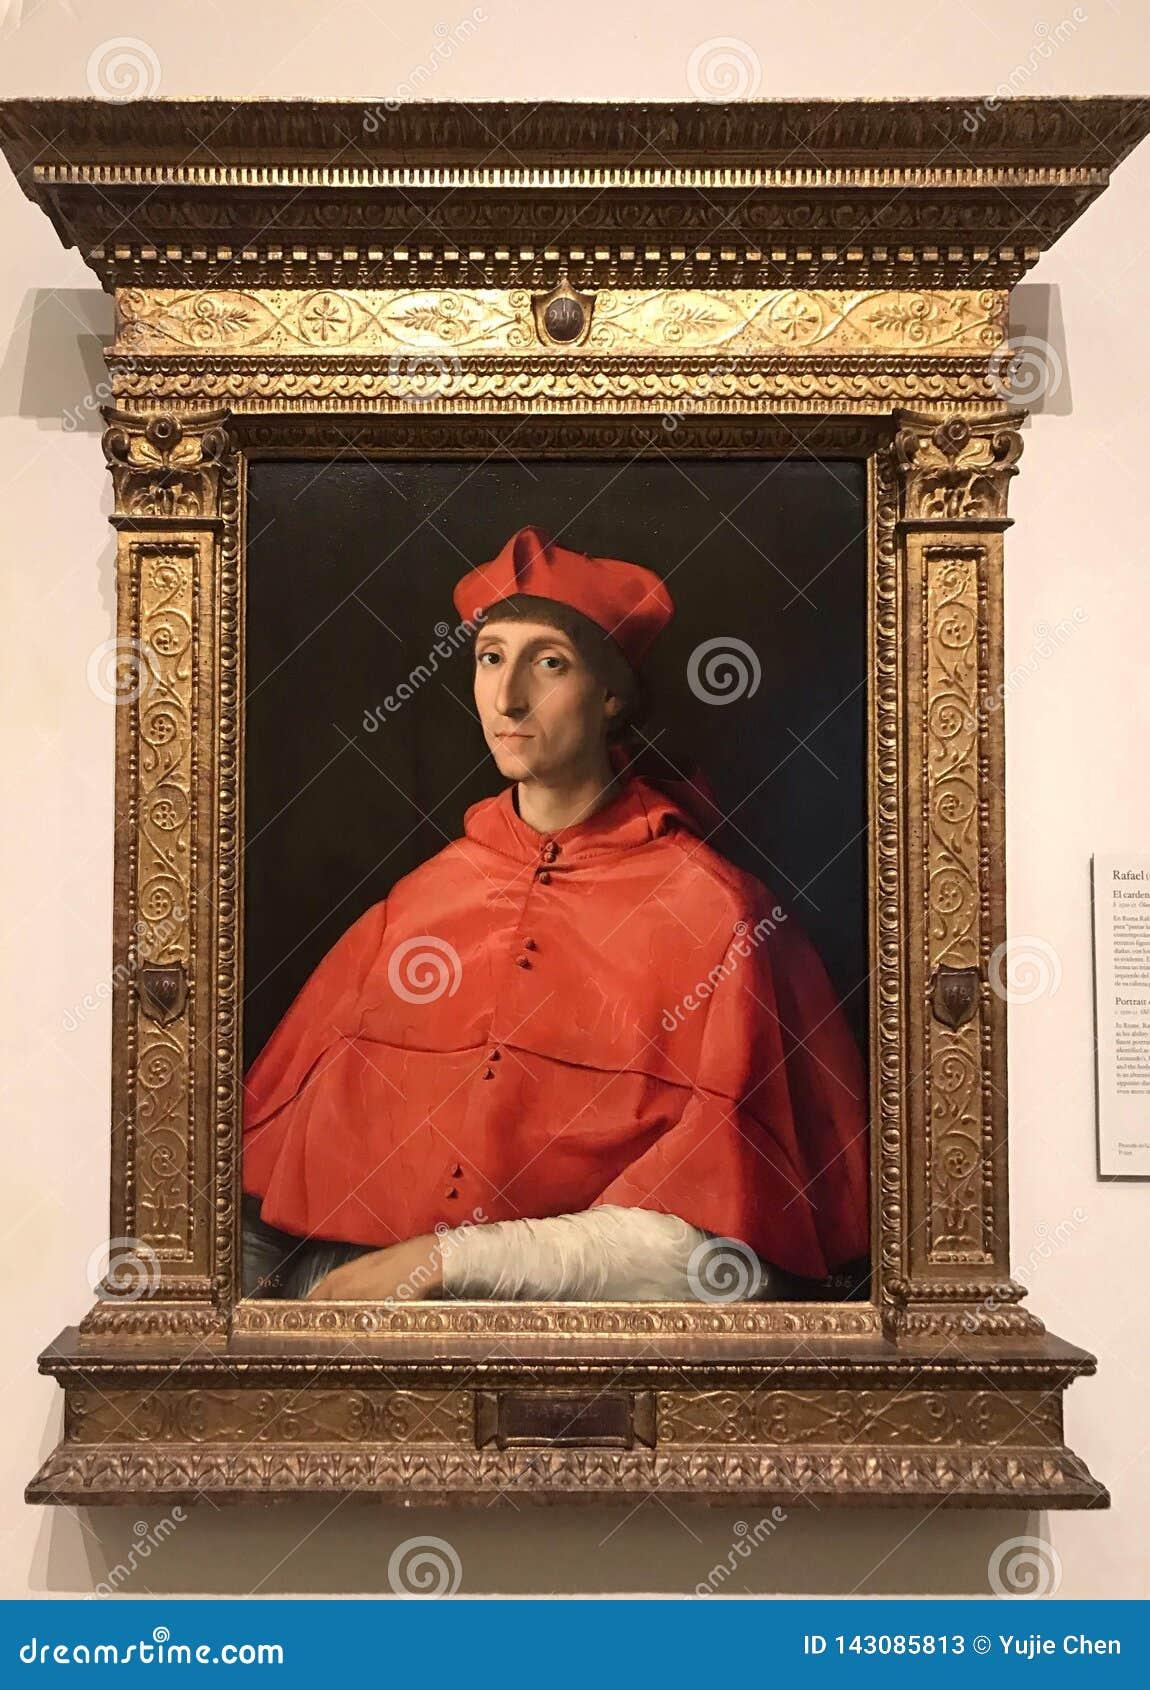 Portrait of a Cardinal